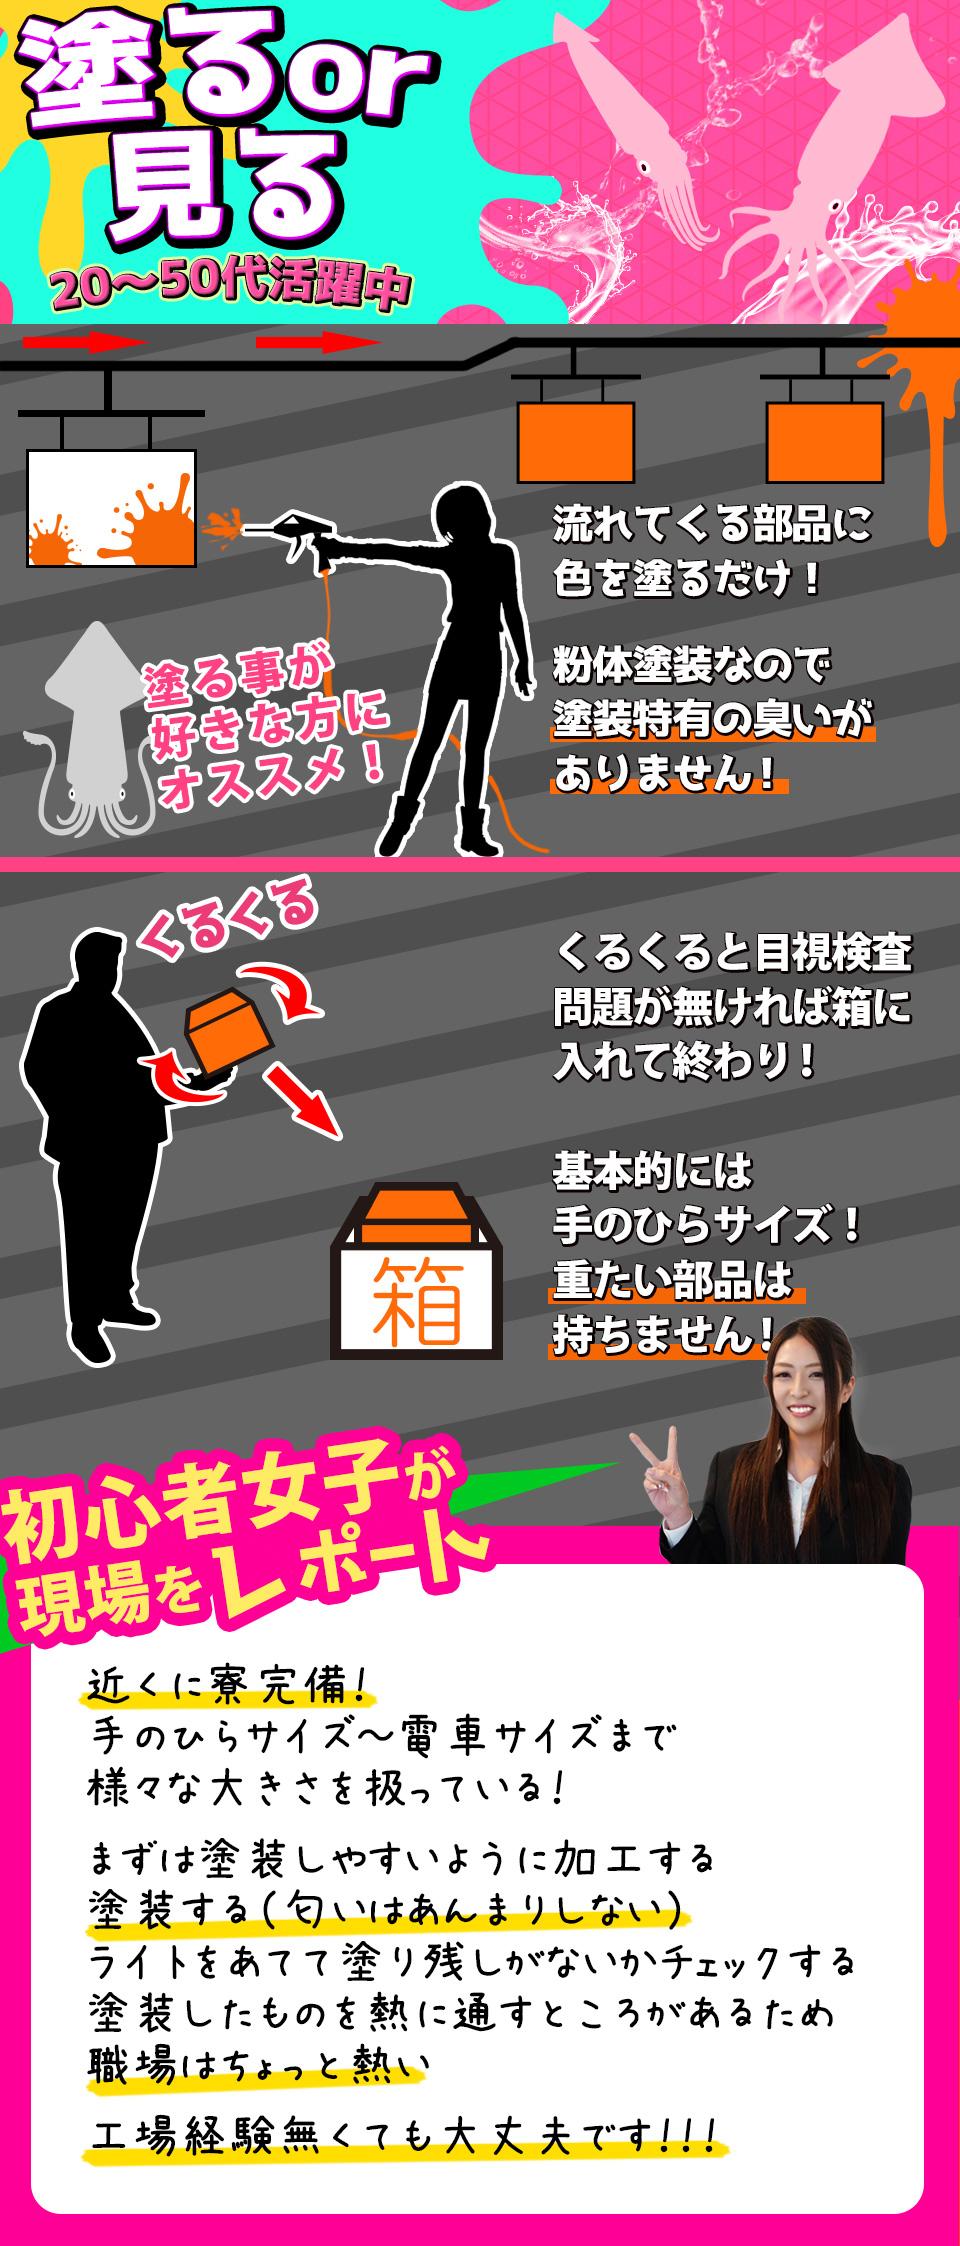 塗装・検査 石川県金沢市の派遣社員求人